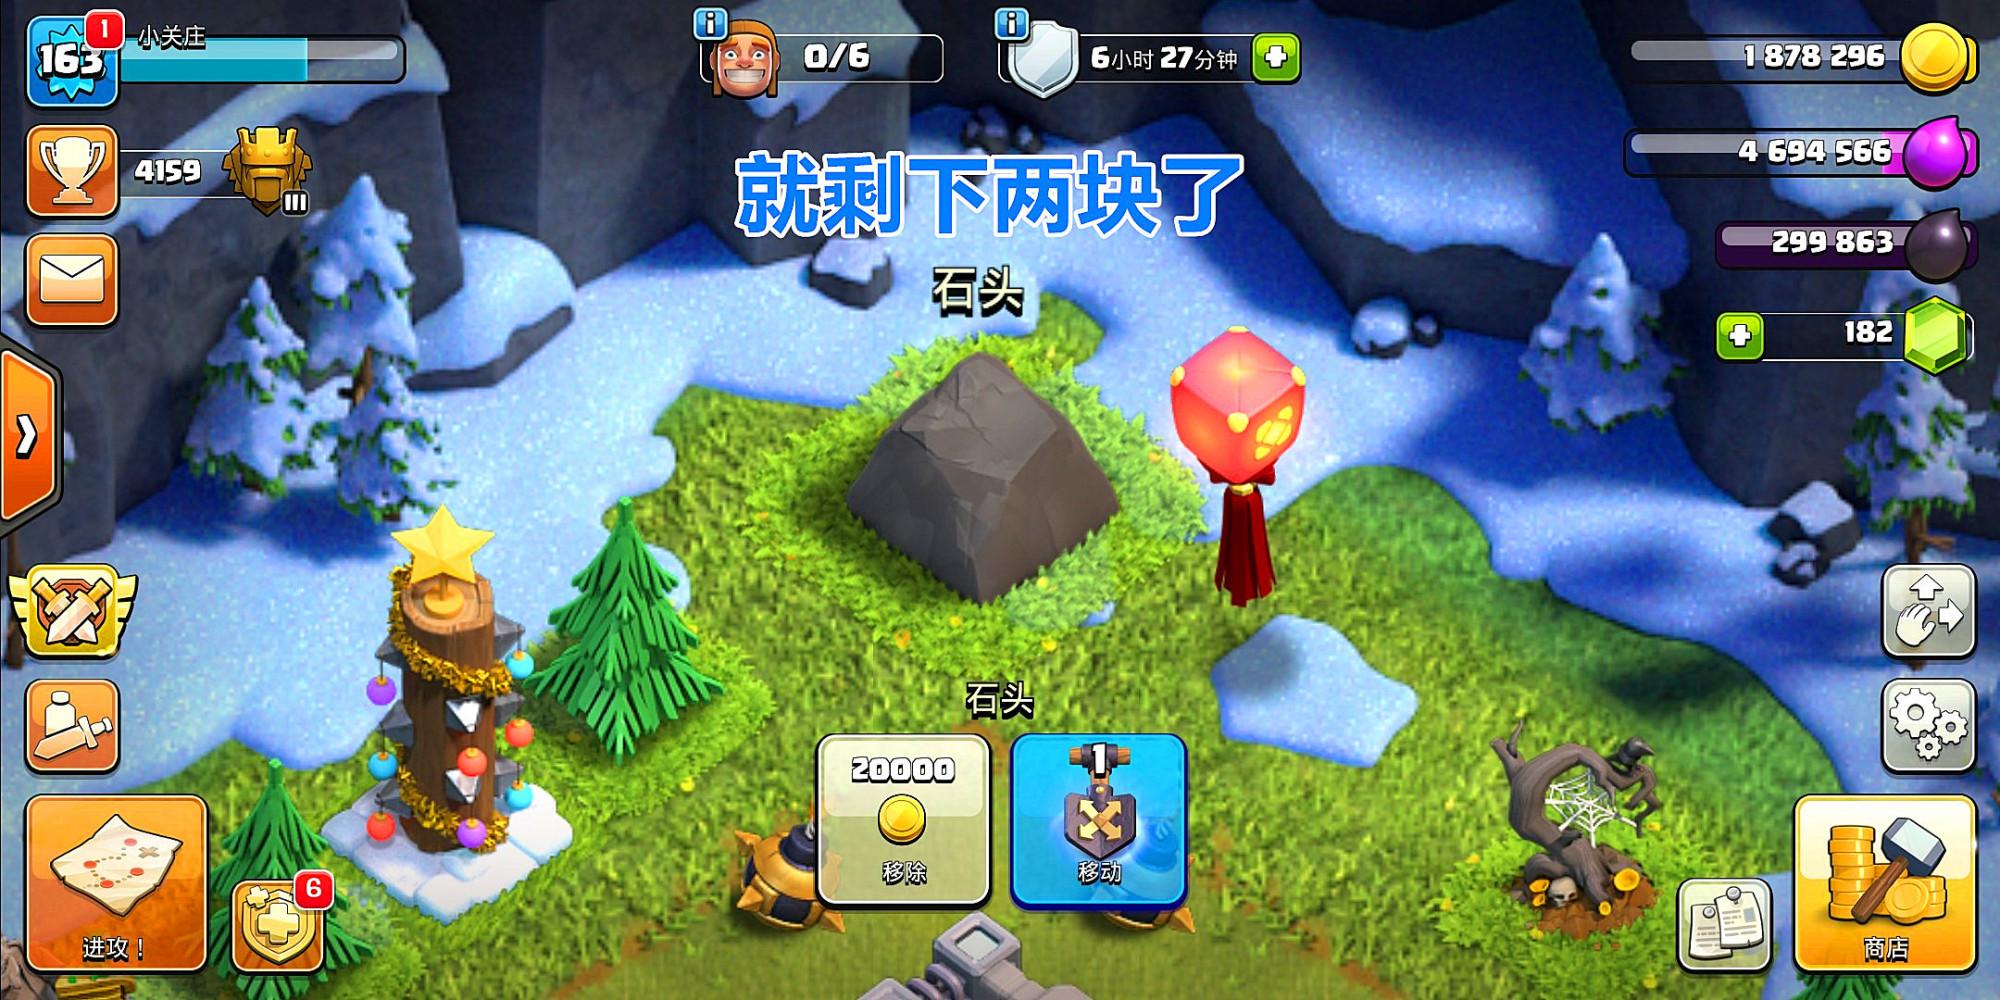 部落冲突:如果在玩一个新账号,老玩家绝对不会在干这五件事!